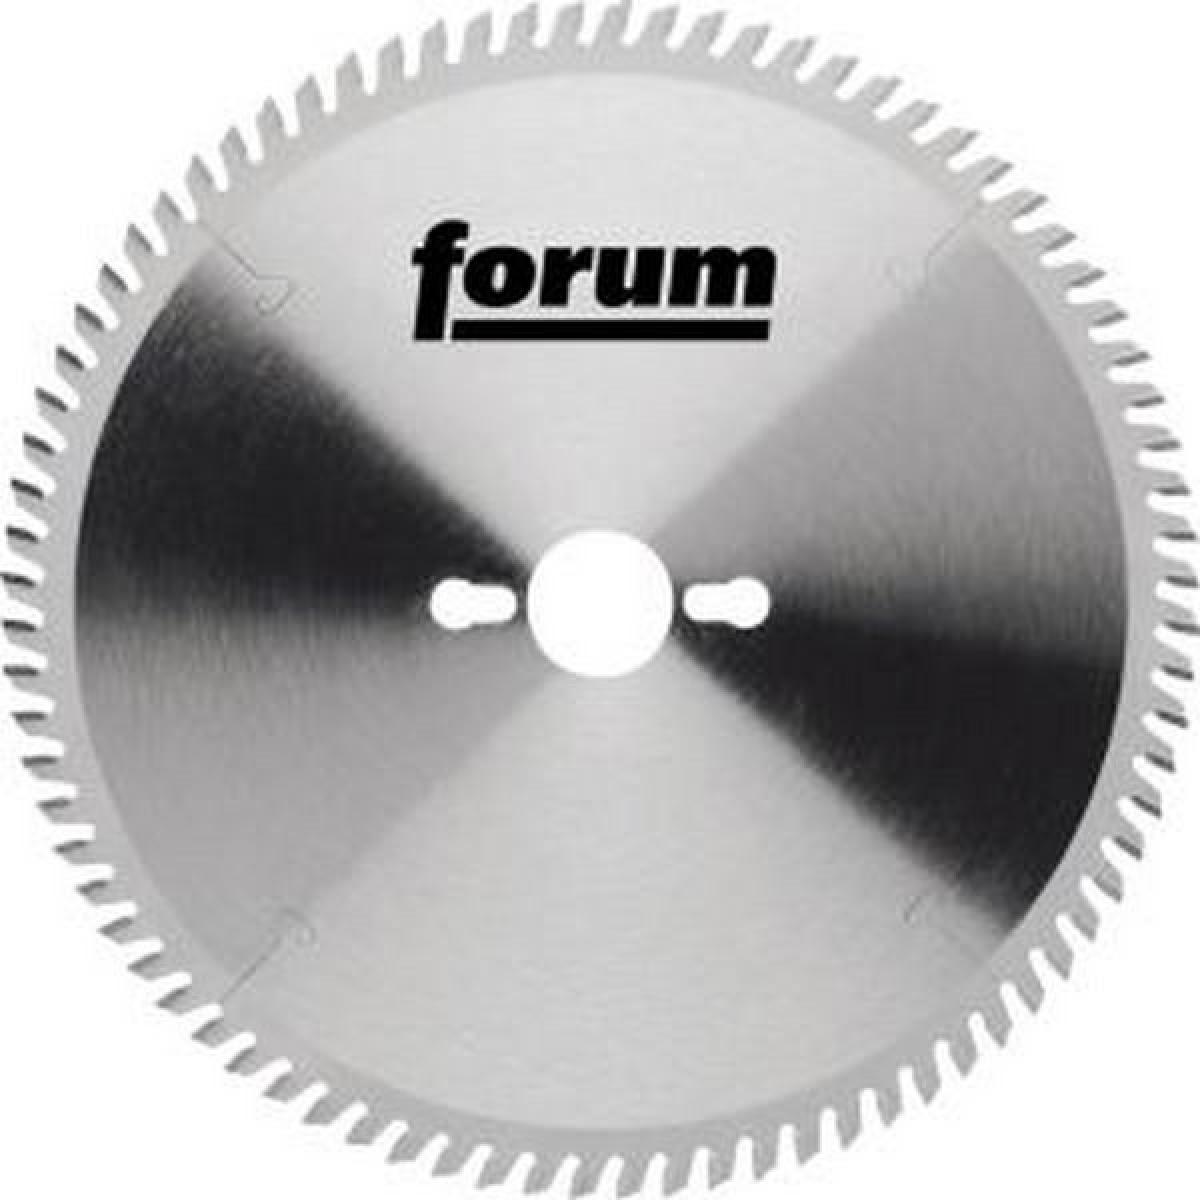 Forum Lame de scie circulaire, Ø : 350 mm, Larg. : 3,2 mm, Alésage 30 mm, Perçages secondaires : 2KNL*, Dents : 108